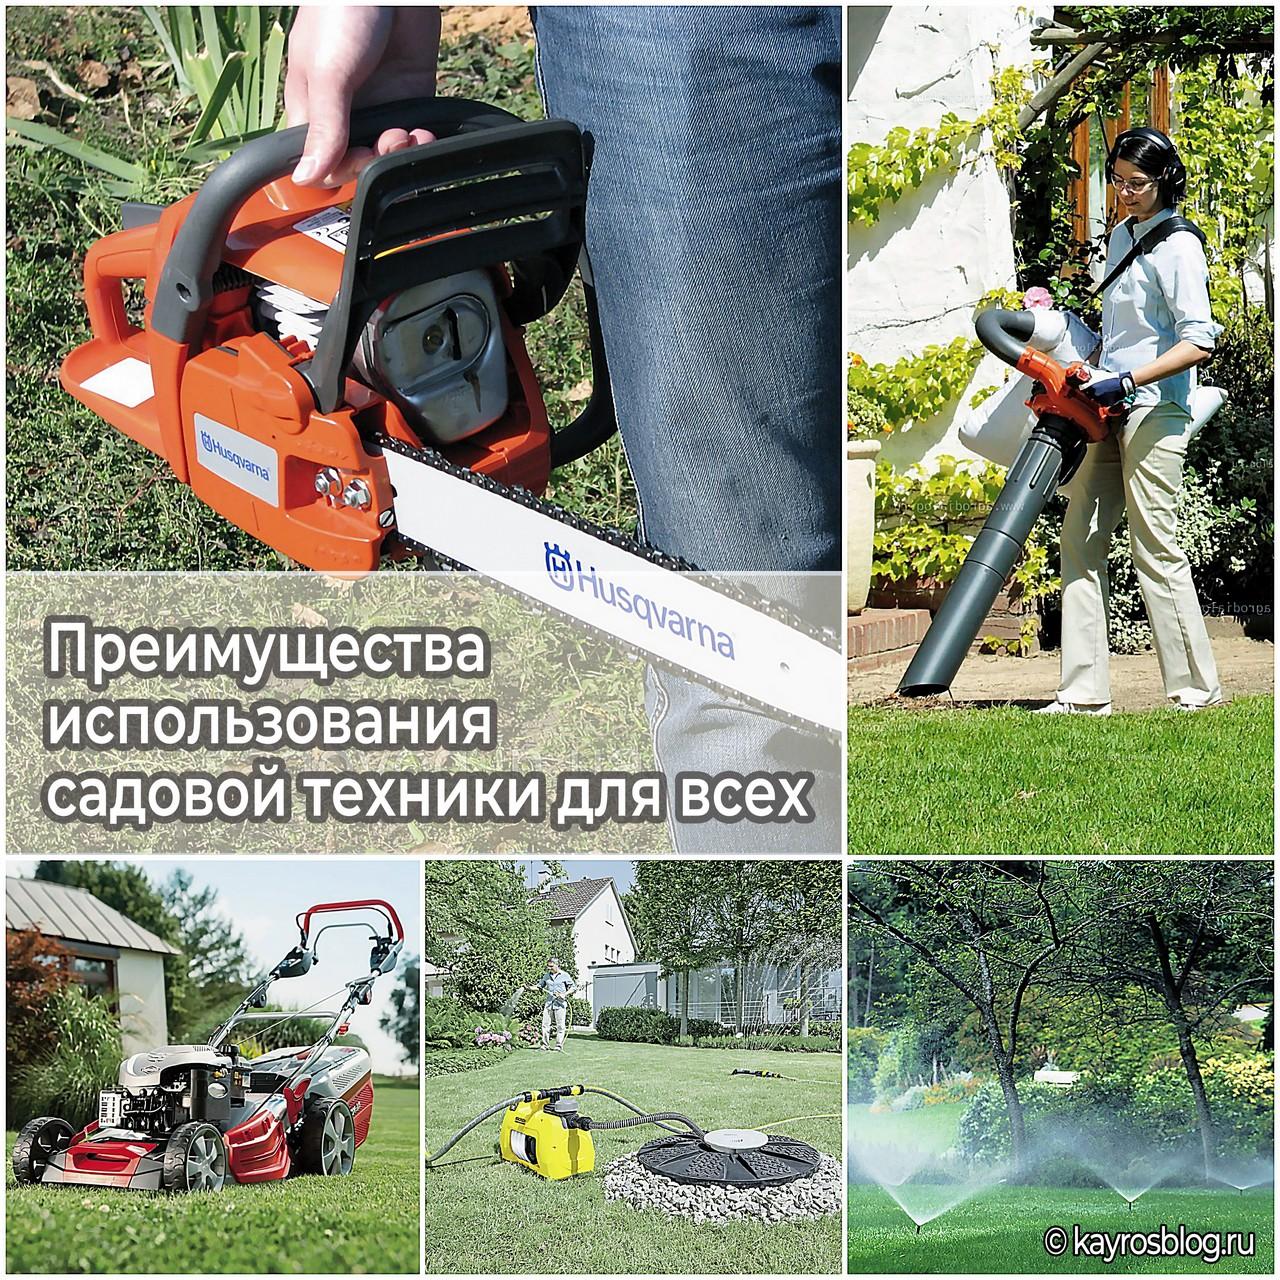 Преимущества использования садовой техники для всех